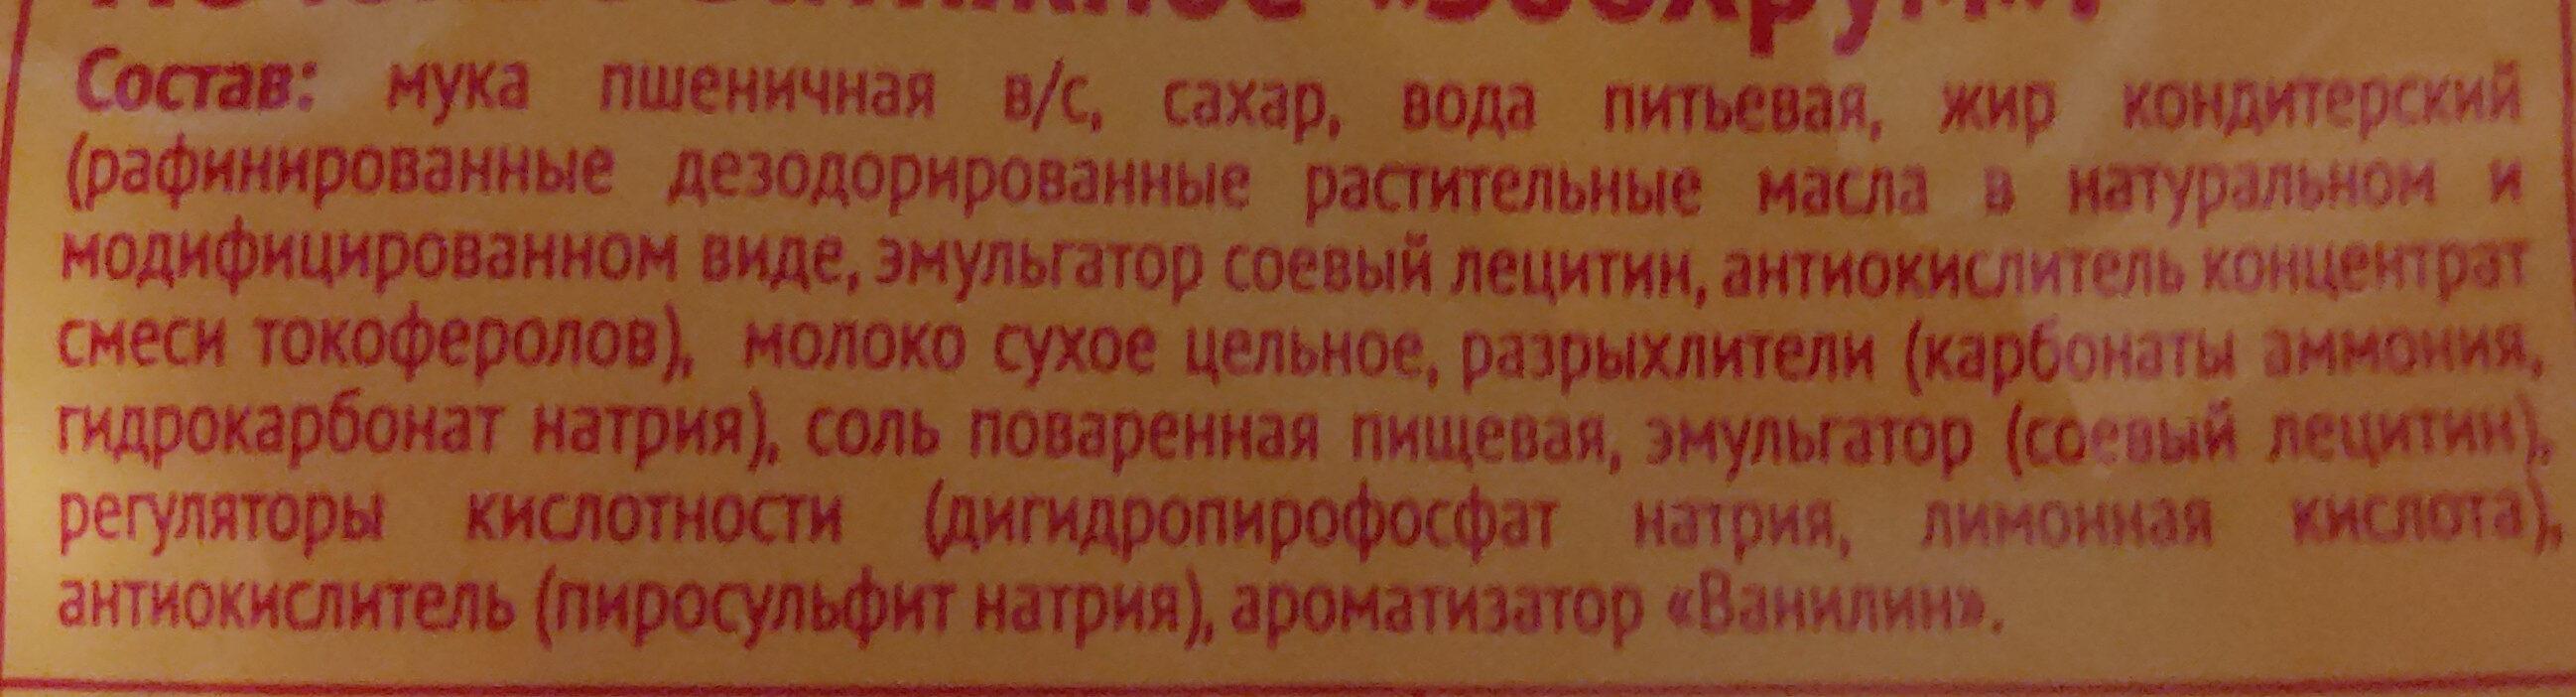 """Печенье затяжное """"Зоохрум"""" - Ingrédients - ru"""